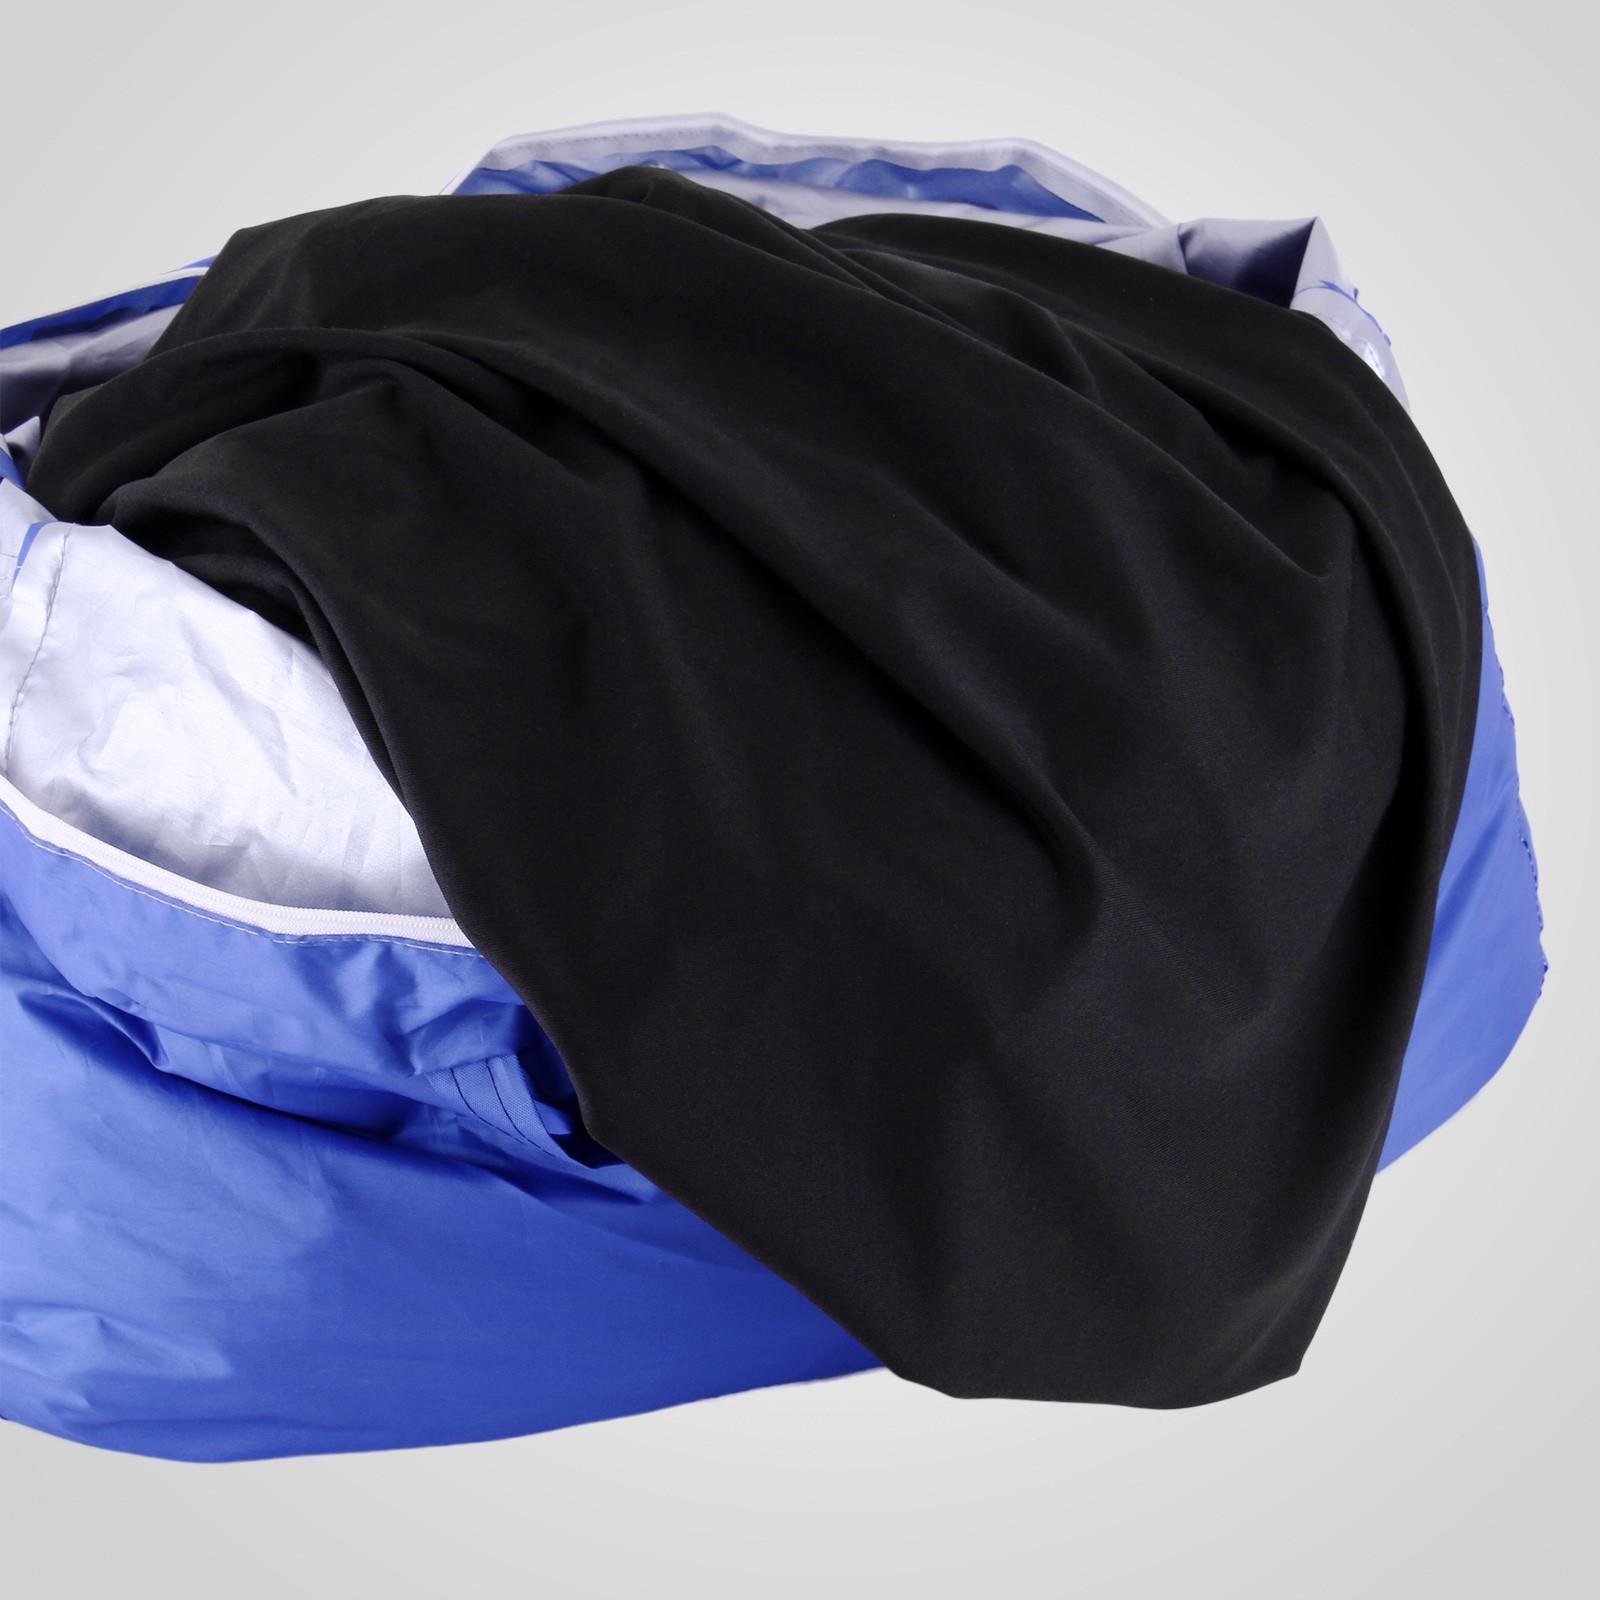 housse voiture pour porsche 911 996 997 doux avec poches polyester l ger doux ebay. Black Bedroom Furniture Sets. Home Design Ideas